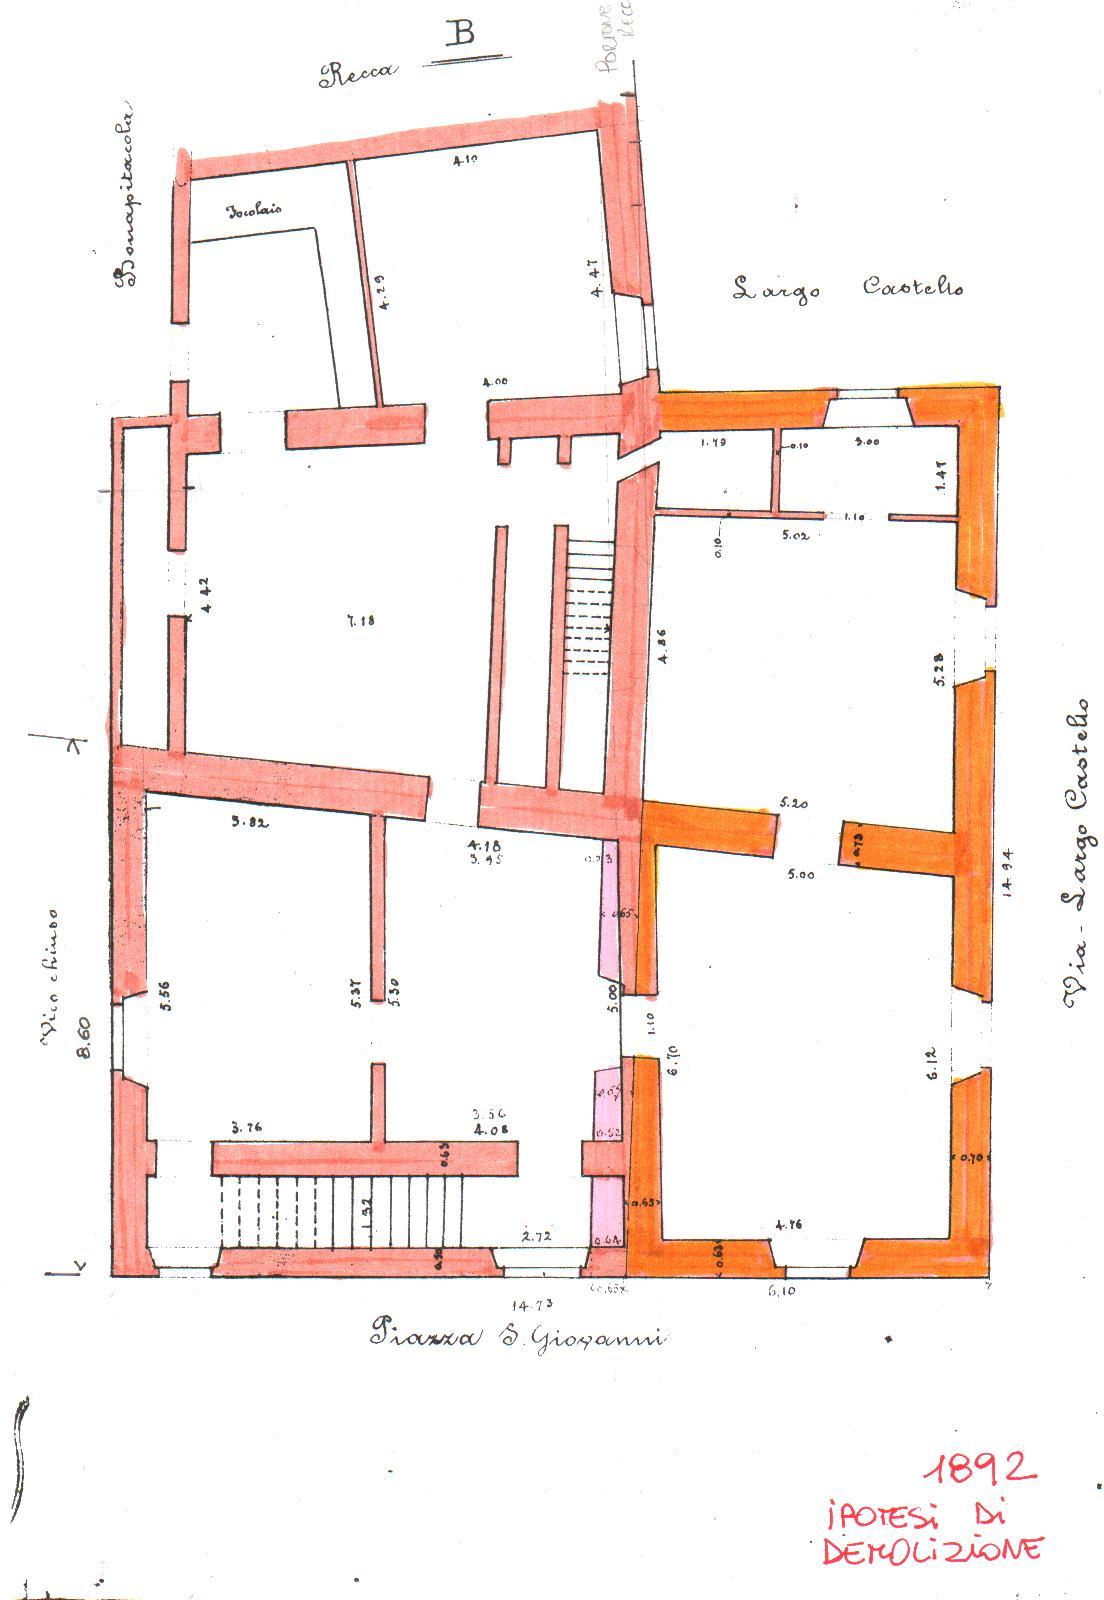 La bottega del disordine il castello di san severo for Disegnare la pianta del piano di casa